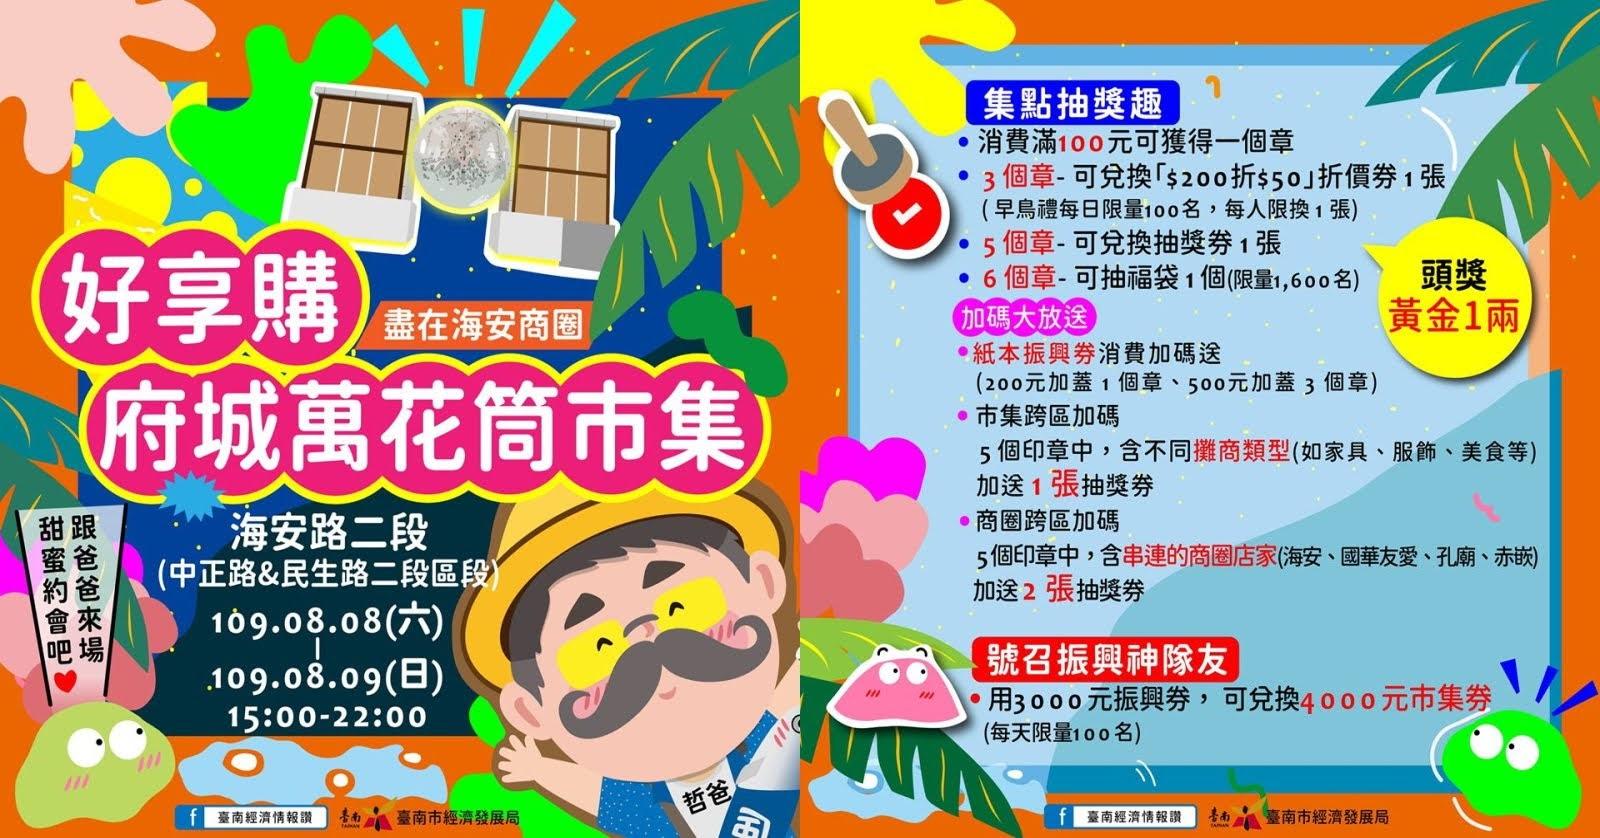 消費抽黃金!台南好享購「府城萬花筒市集」8/8-8/9登場|三倍券享好康多再加碼送|活動